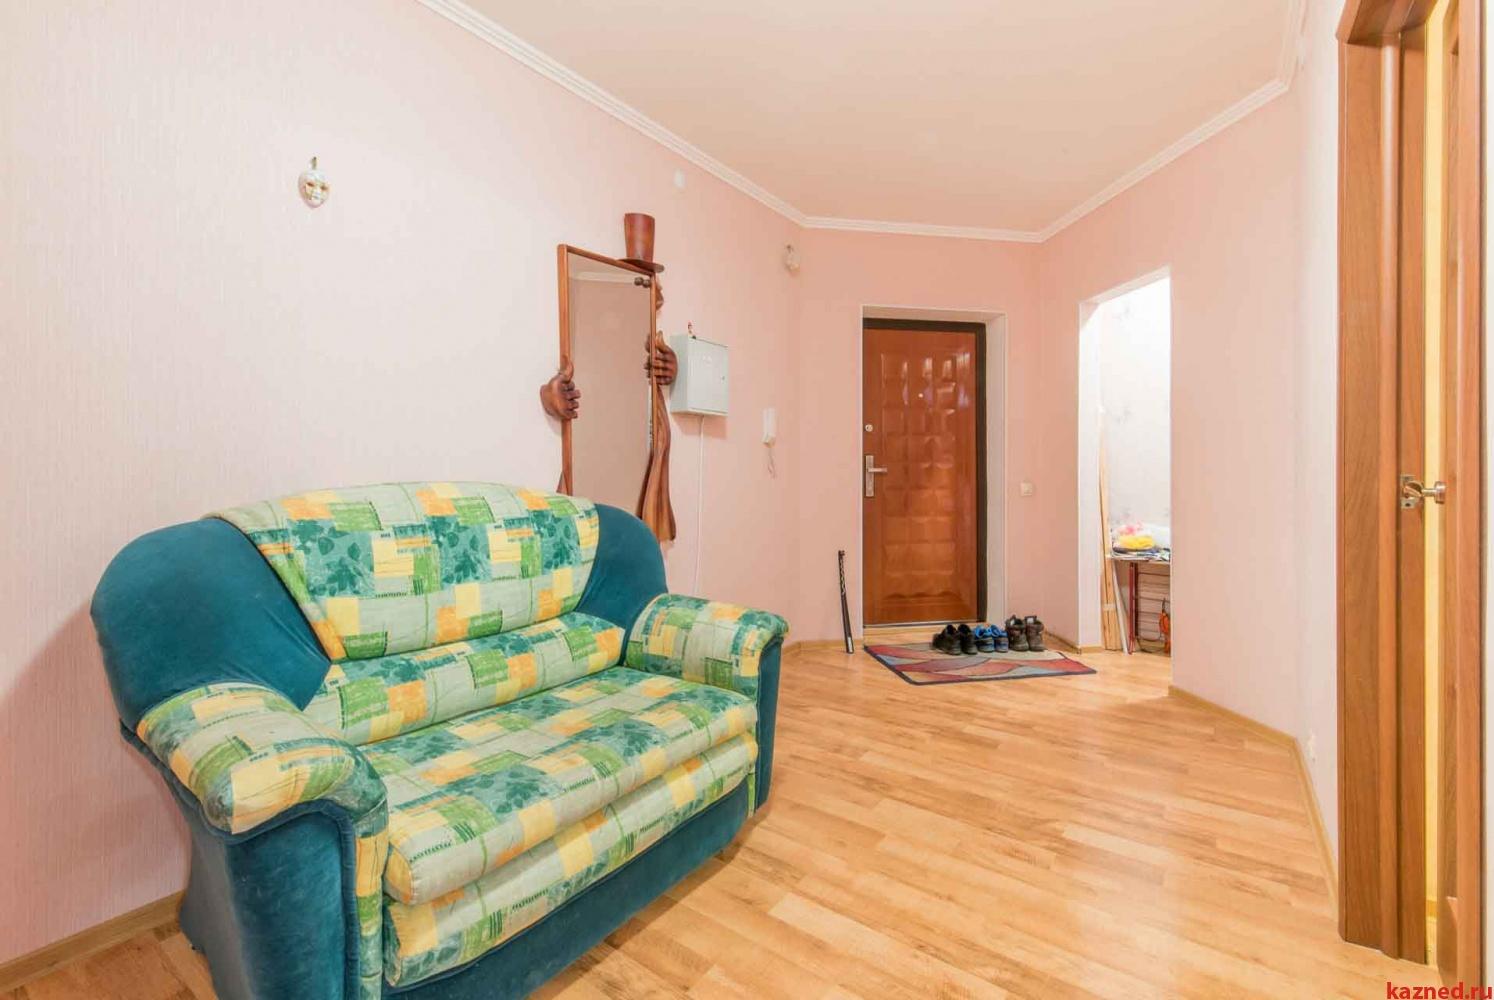 Продажа 1-к квартиры ул.Волочаевская д.6, 38 м²  (миниатюра №9)